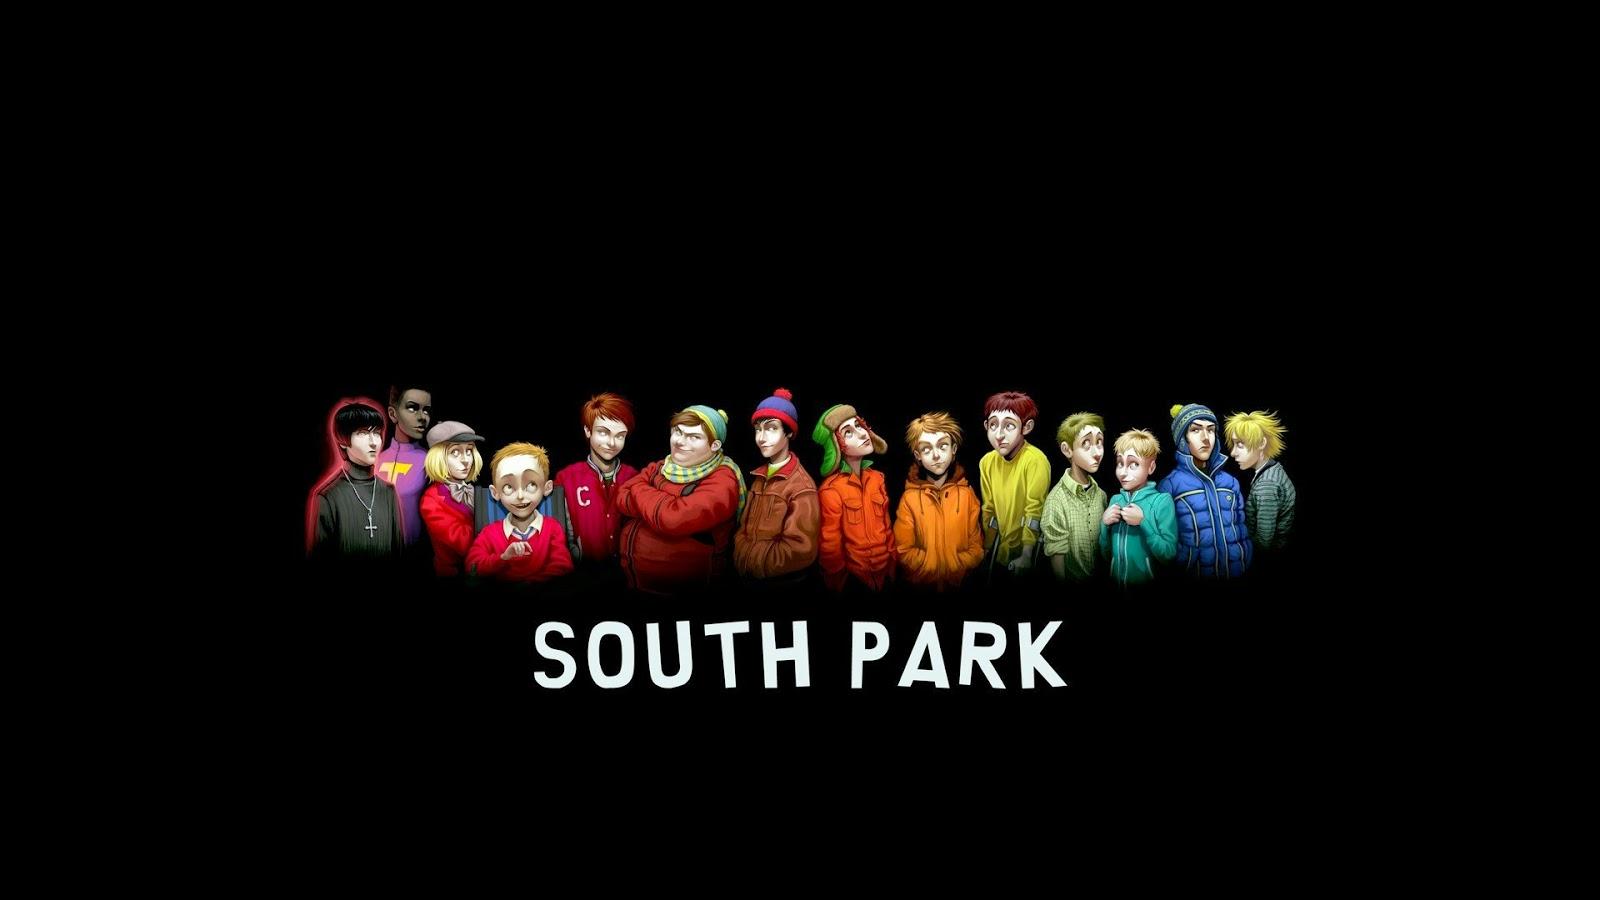 South Park Wallpaper Cartoon Wallpapers 1600x900